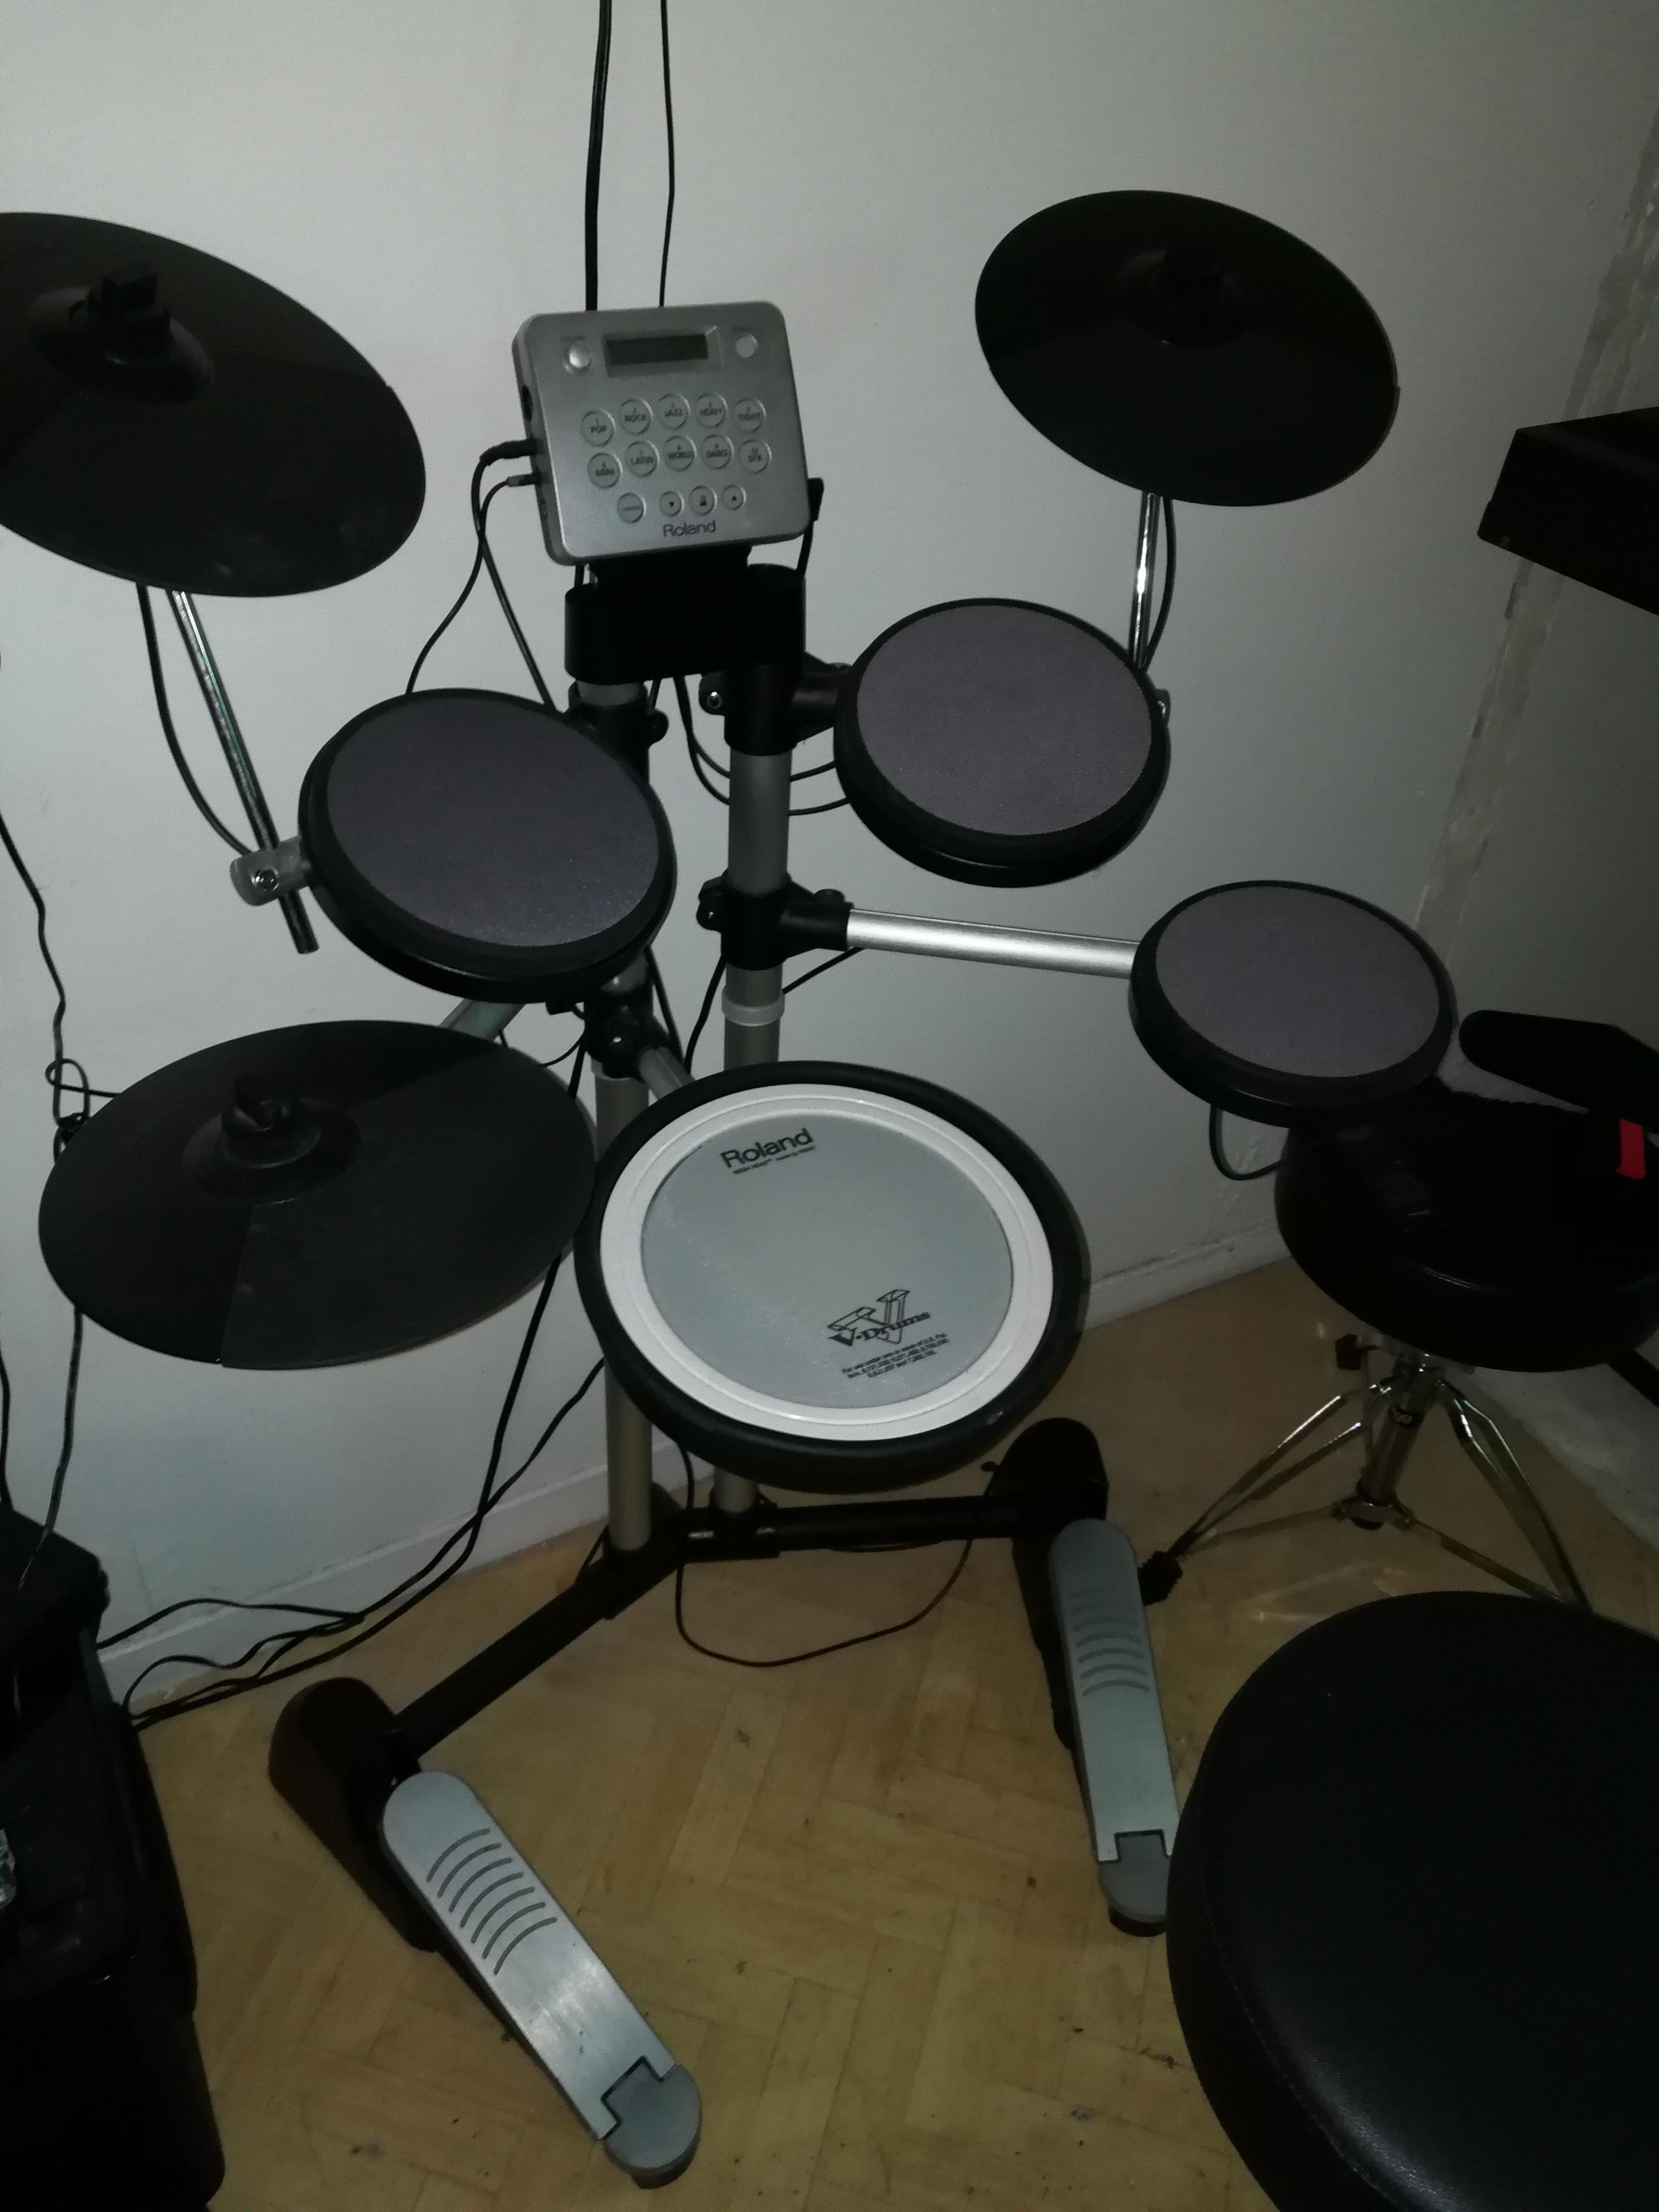 Roland hd 3 image 1851153 audiofanzine - Roland hd3 v drum lite set ...